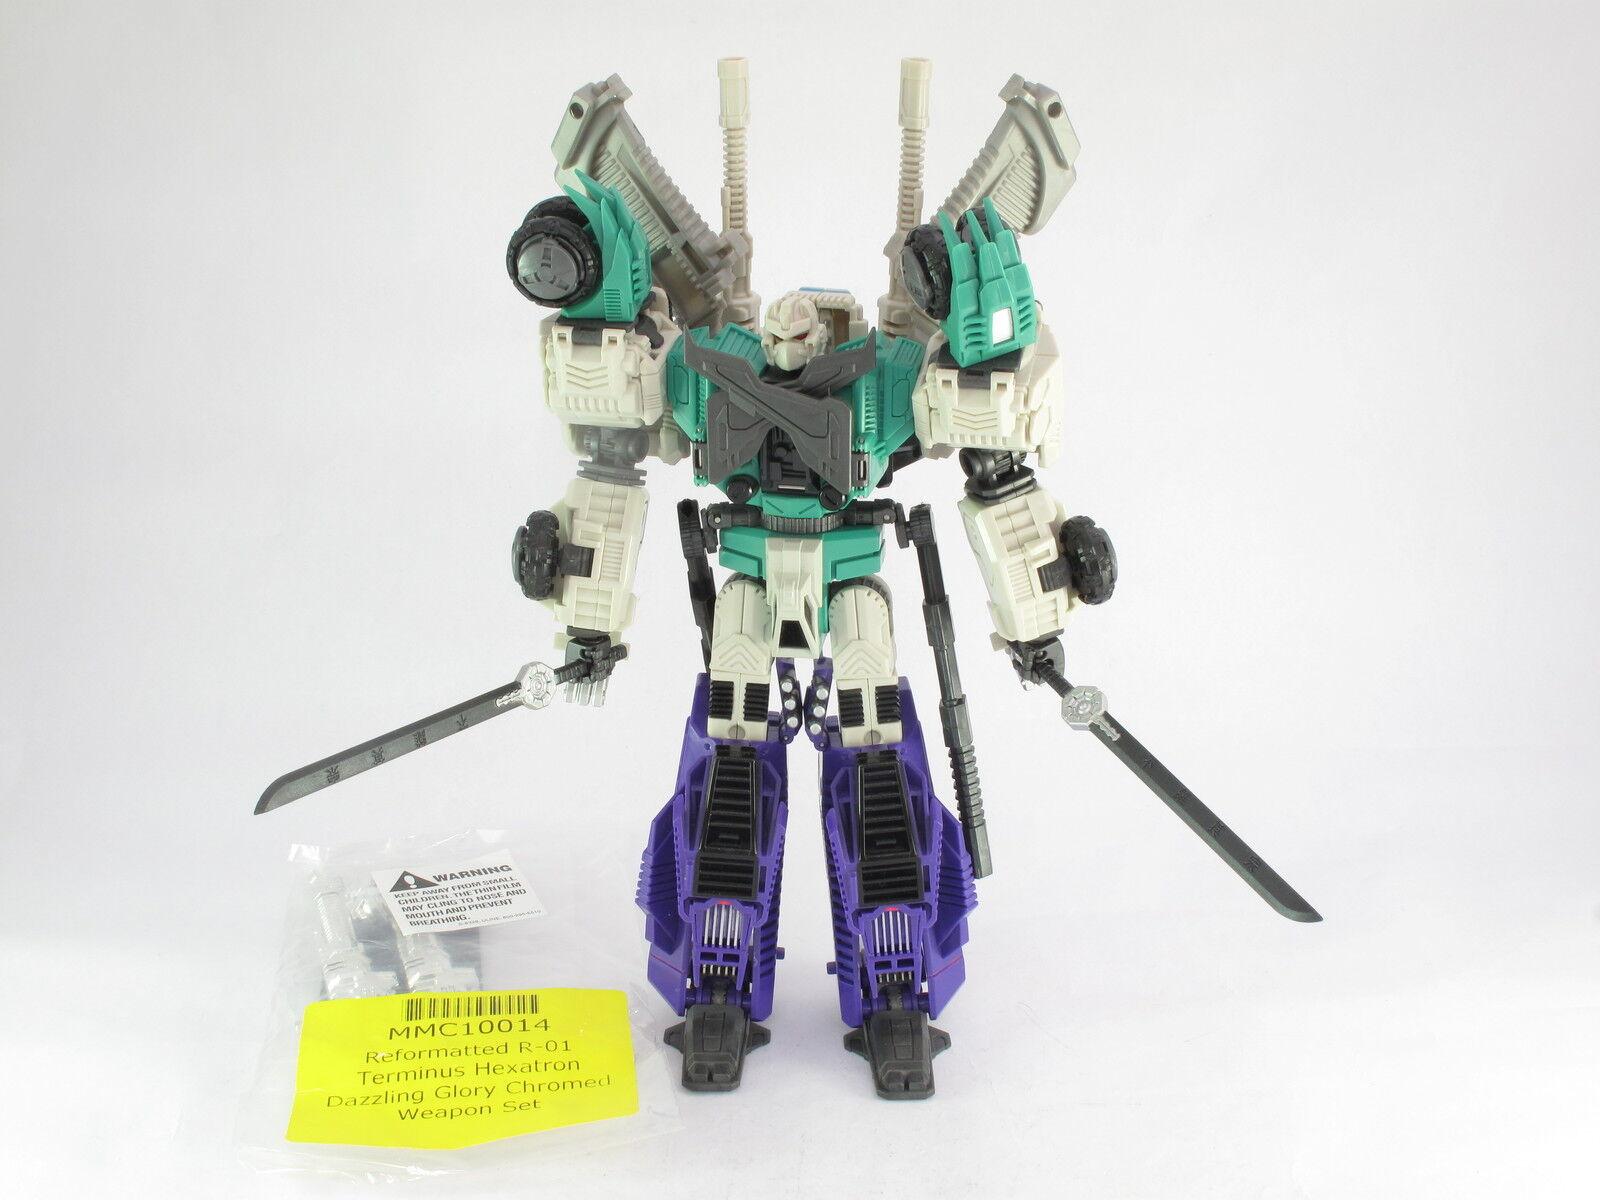 Transformers Mastermind Creations Terminus Hexatron 1st EDIZIONE & aggiornamento R-01